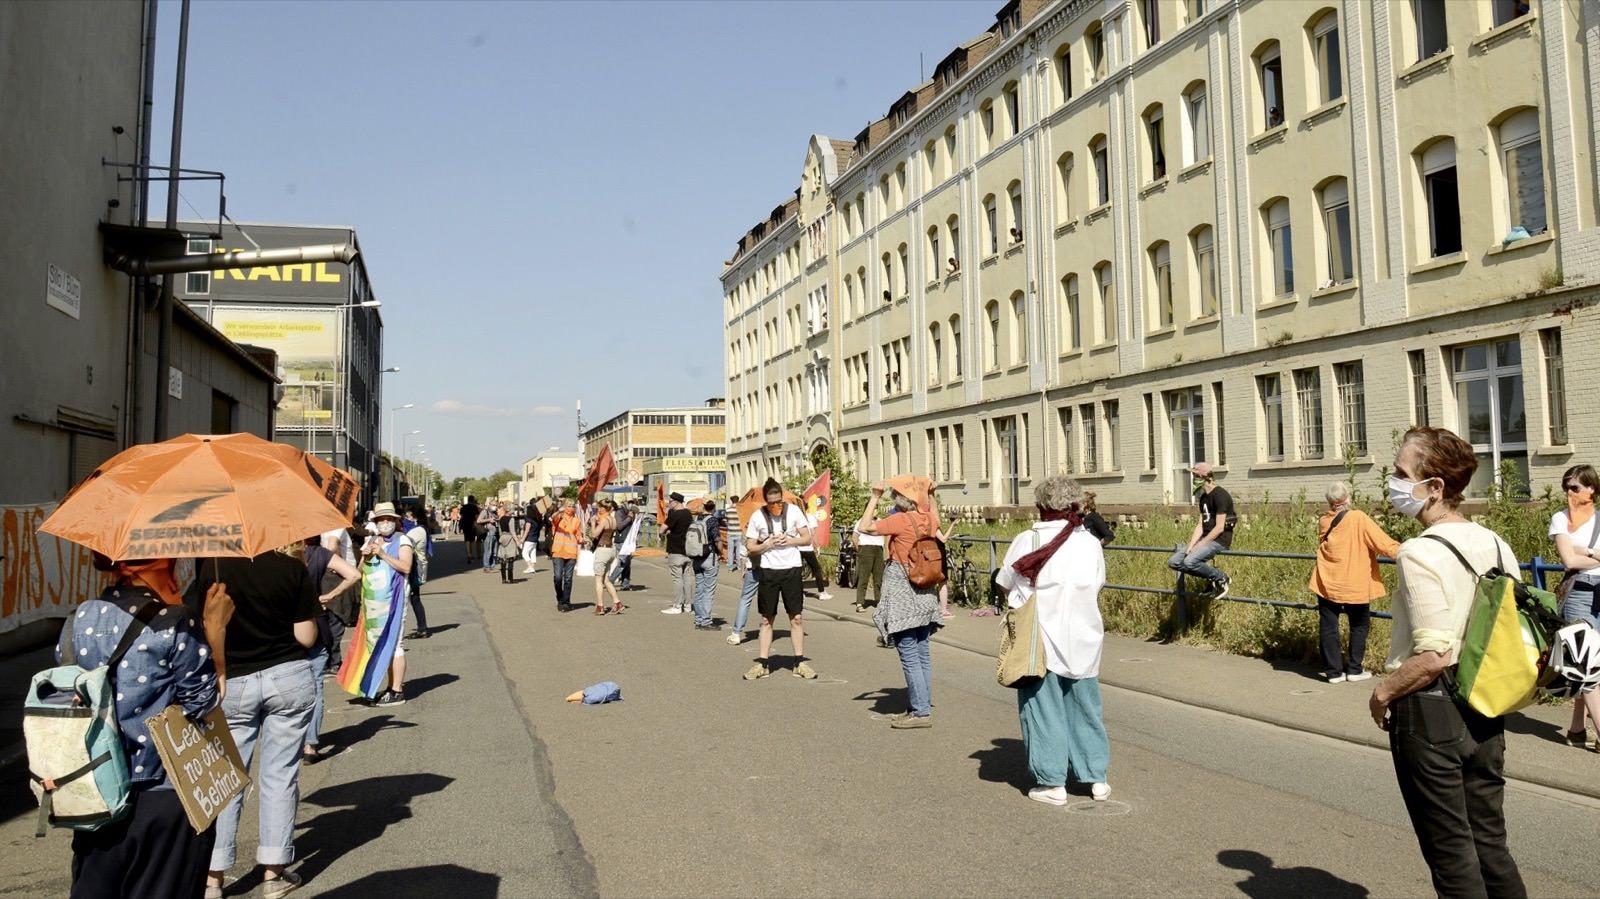 Mit Mundschutz und gebotenem Abstand traten über 300 Teilnehmende für die Rechte Geflüchteter ein   Foto: Helmut Roos (helmut-roos@web.de)